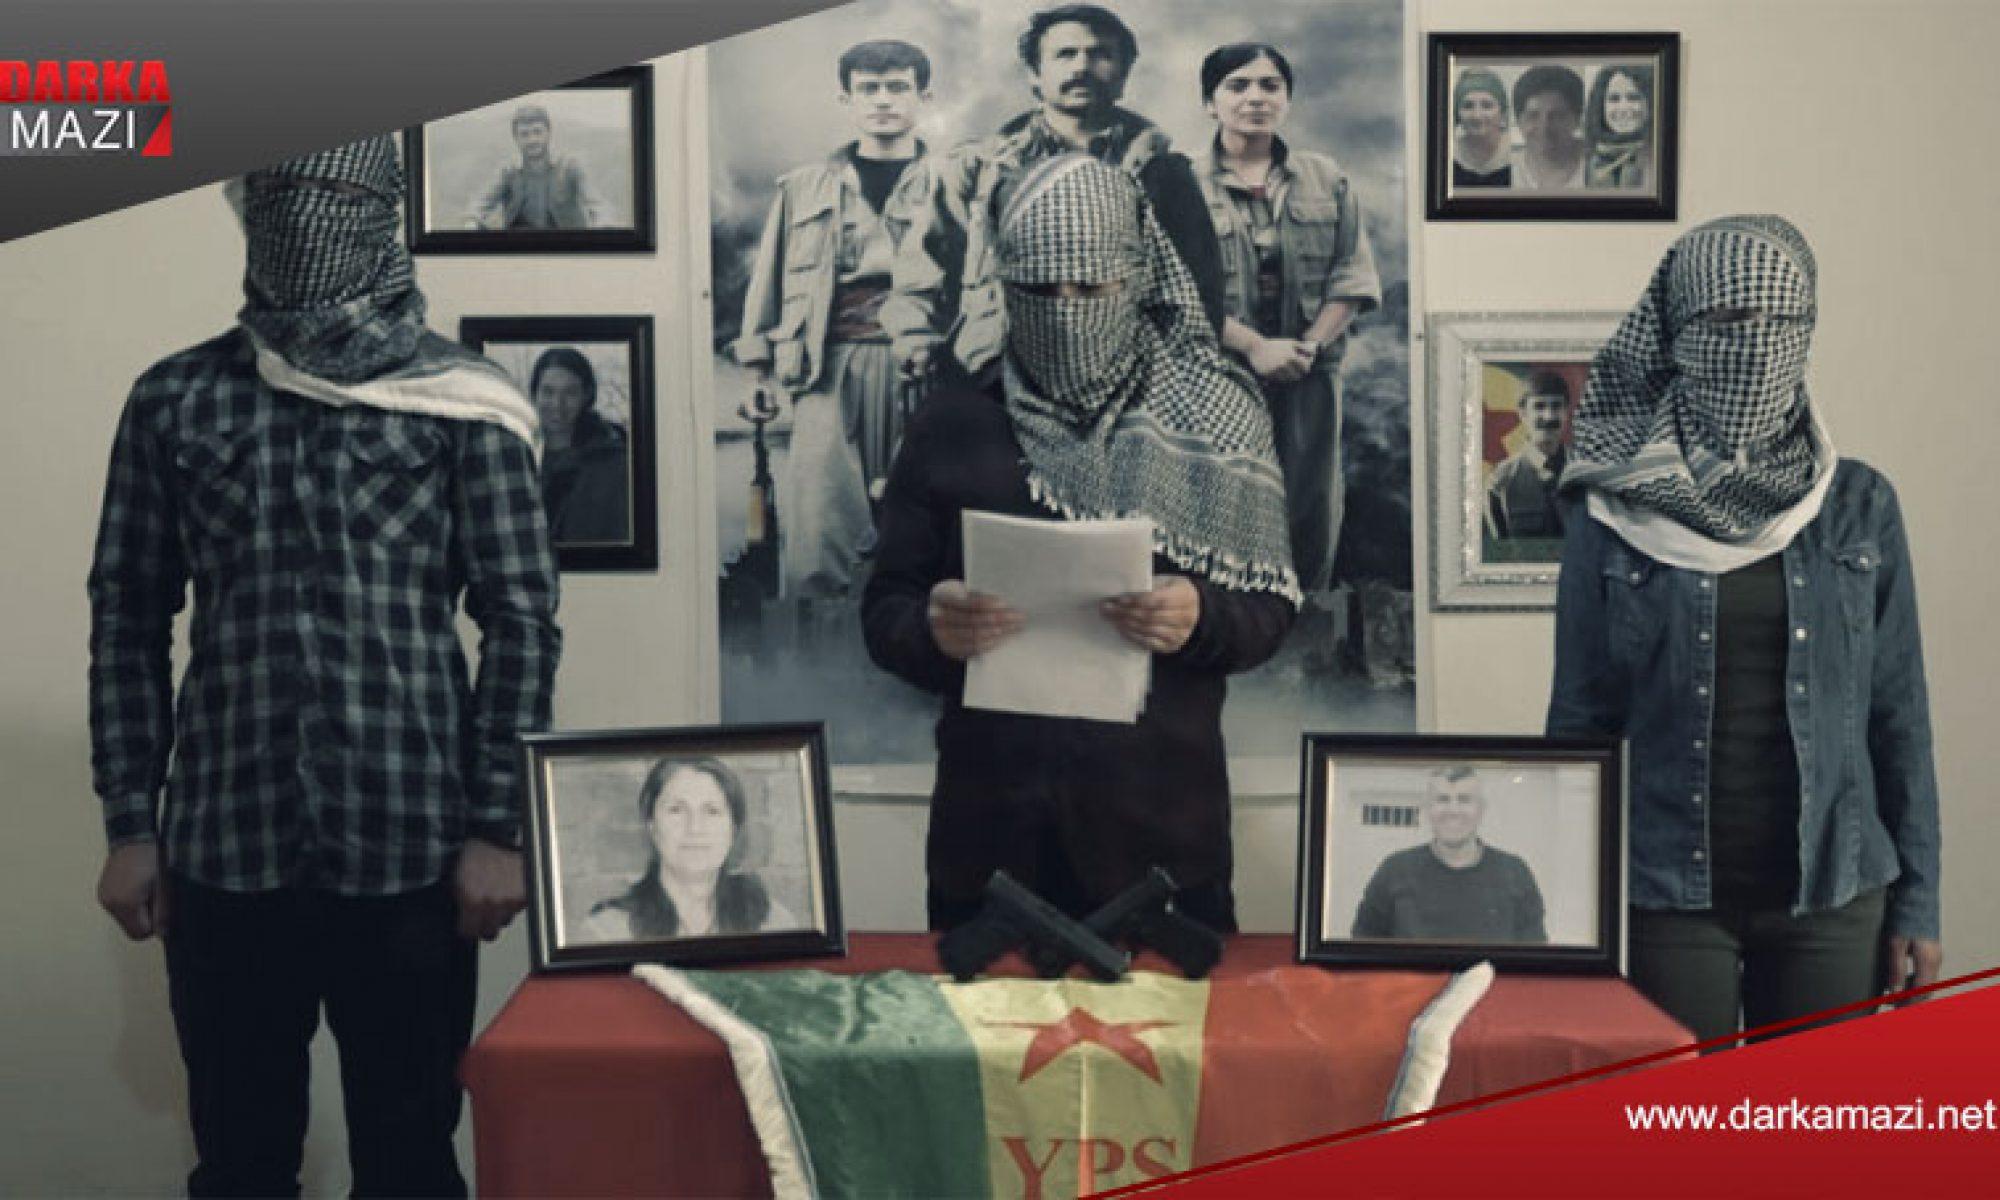 YPS tekrar sahnede, Kürdistan, PKK, YPS- Jin